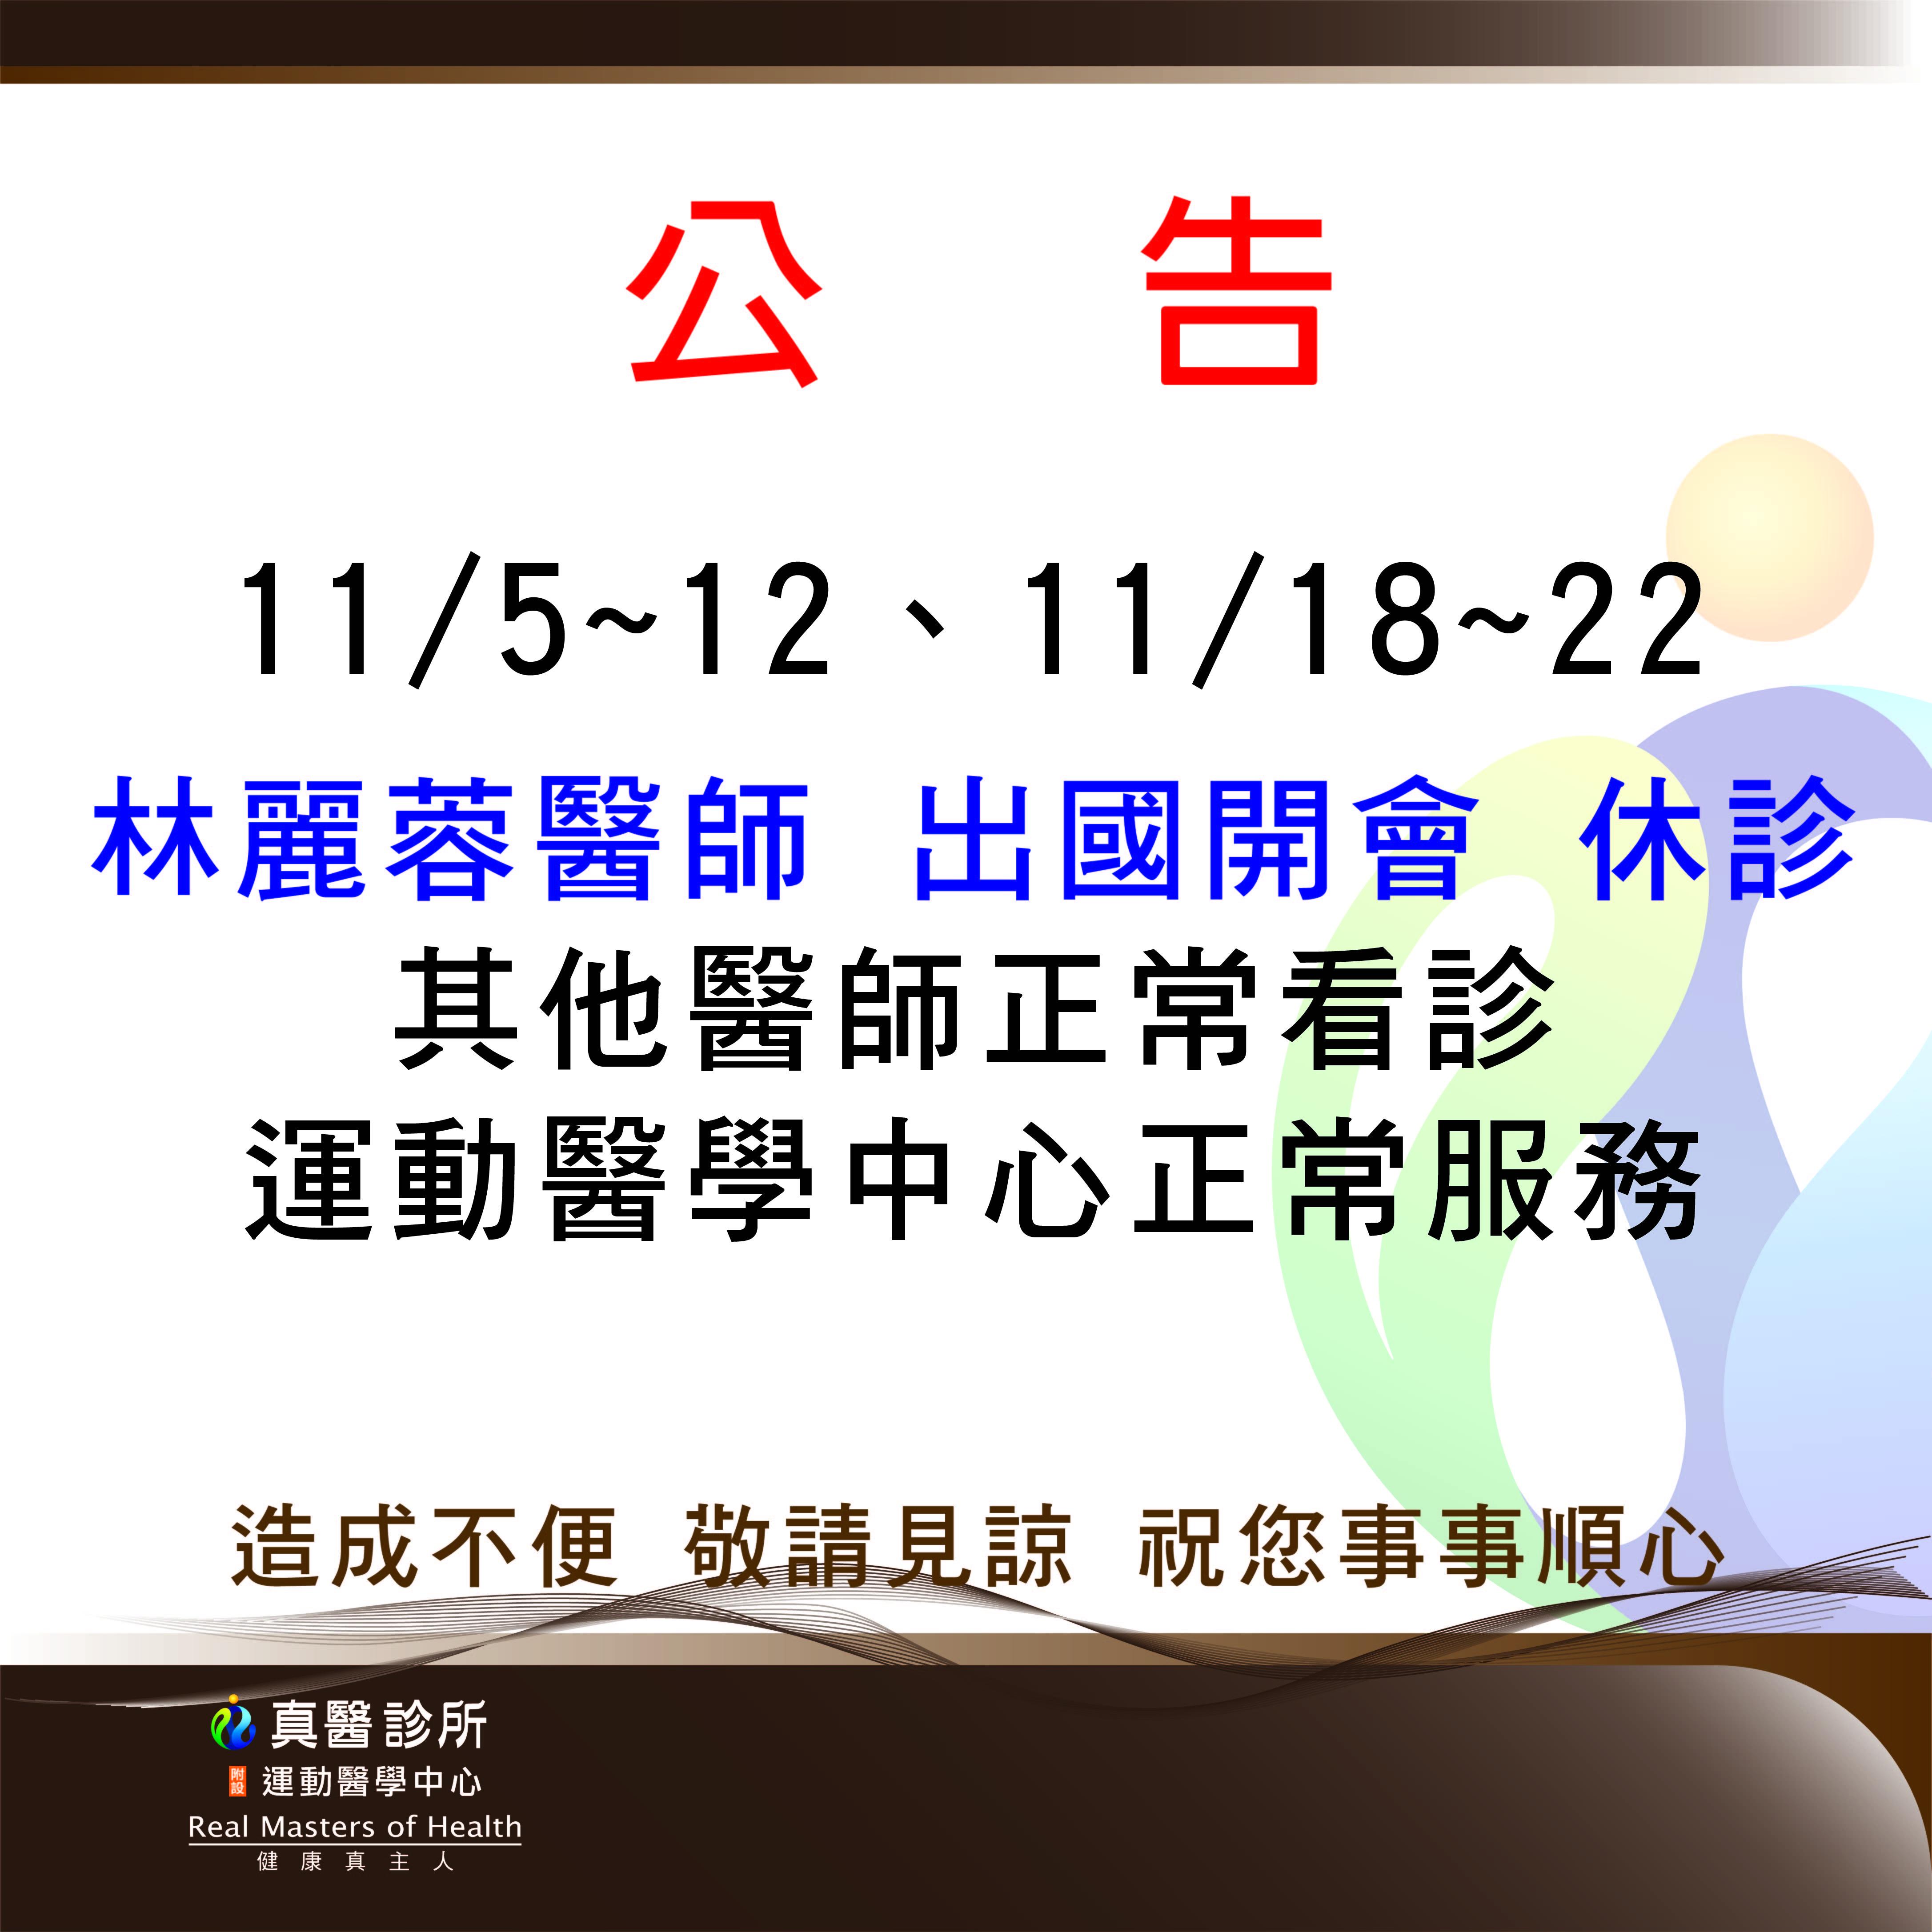 11/5~12、11/18~22 林醫師出國開會休診 其他醫師正常看診 運動醫學中心正常服務